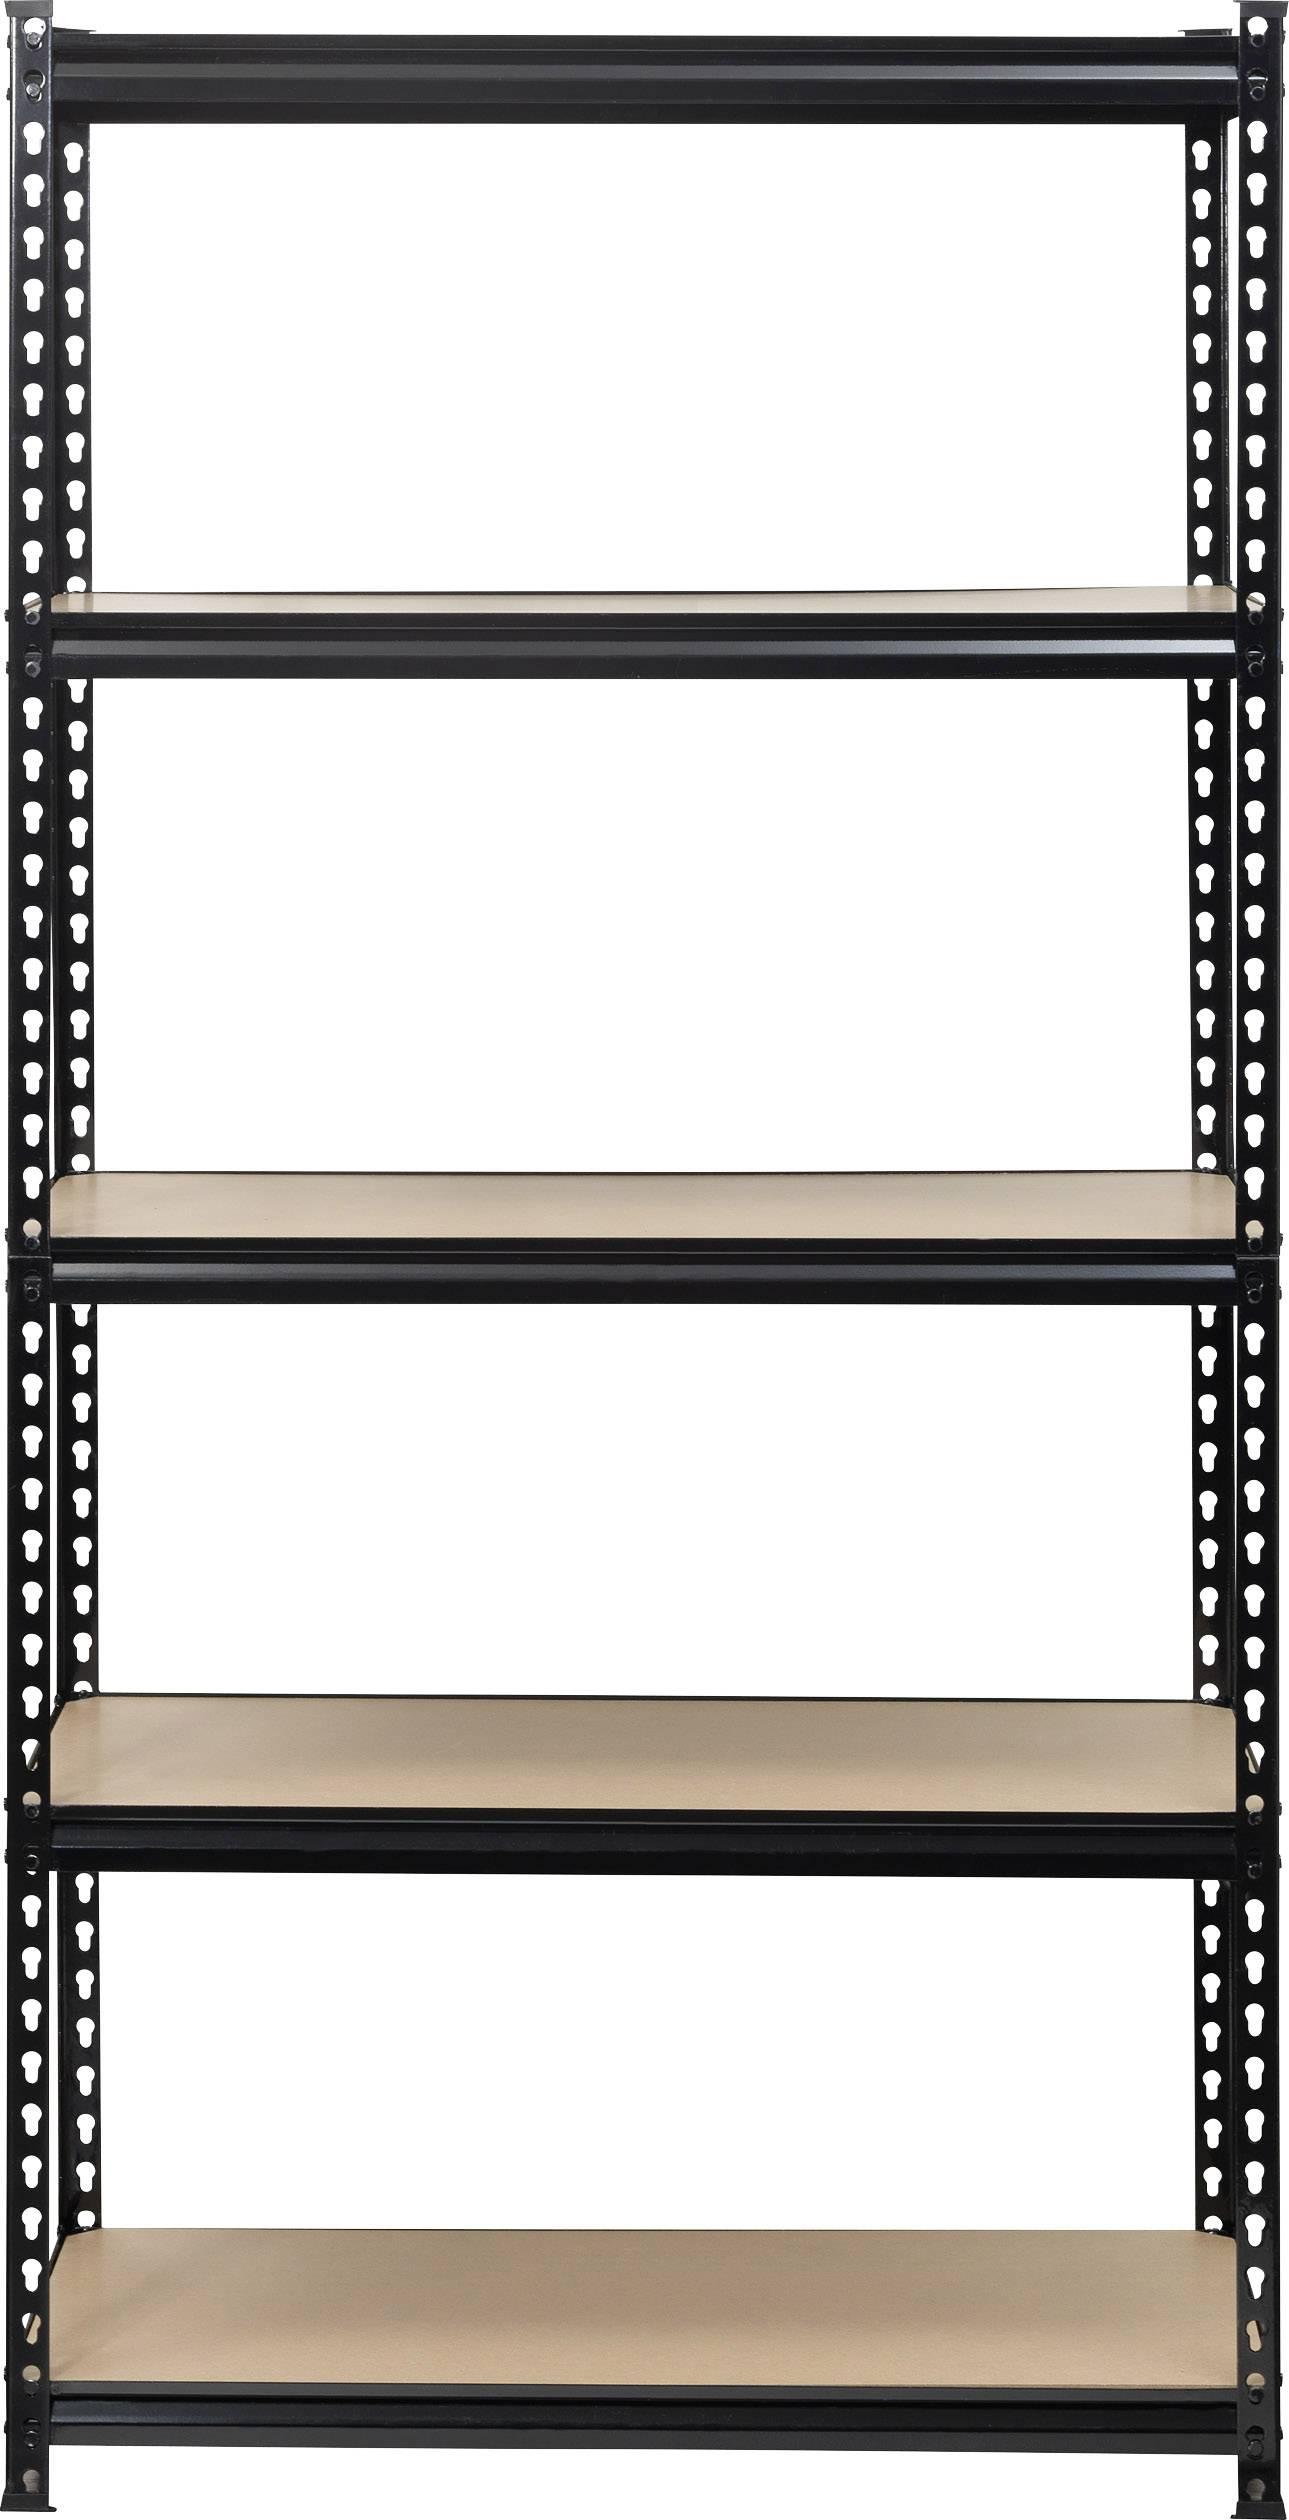 Zwarte Stellingkast Metaal.Toolcraft 1530556 Stellingkast Extra Sterk 350 Kg B X H X D 900 X 1800 X 450 Mm Metaal Mdf Zwart Hout